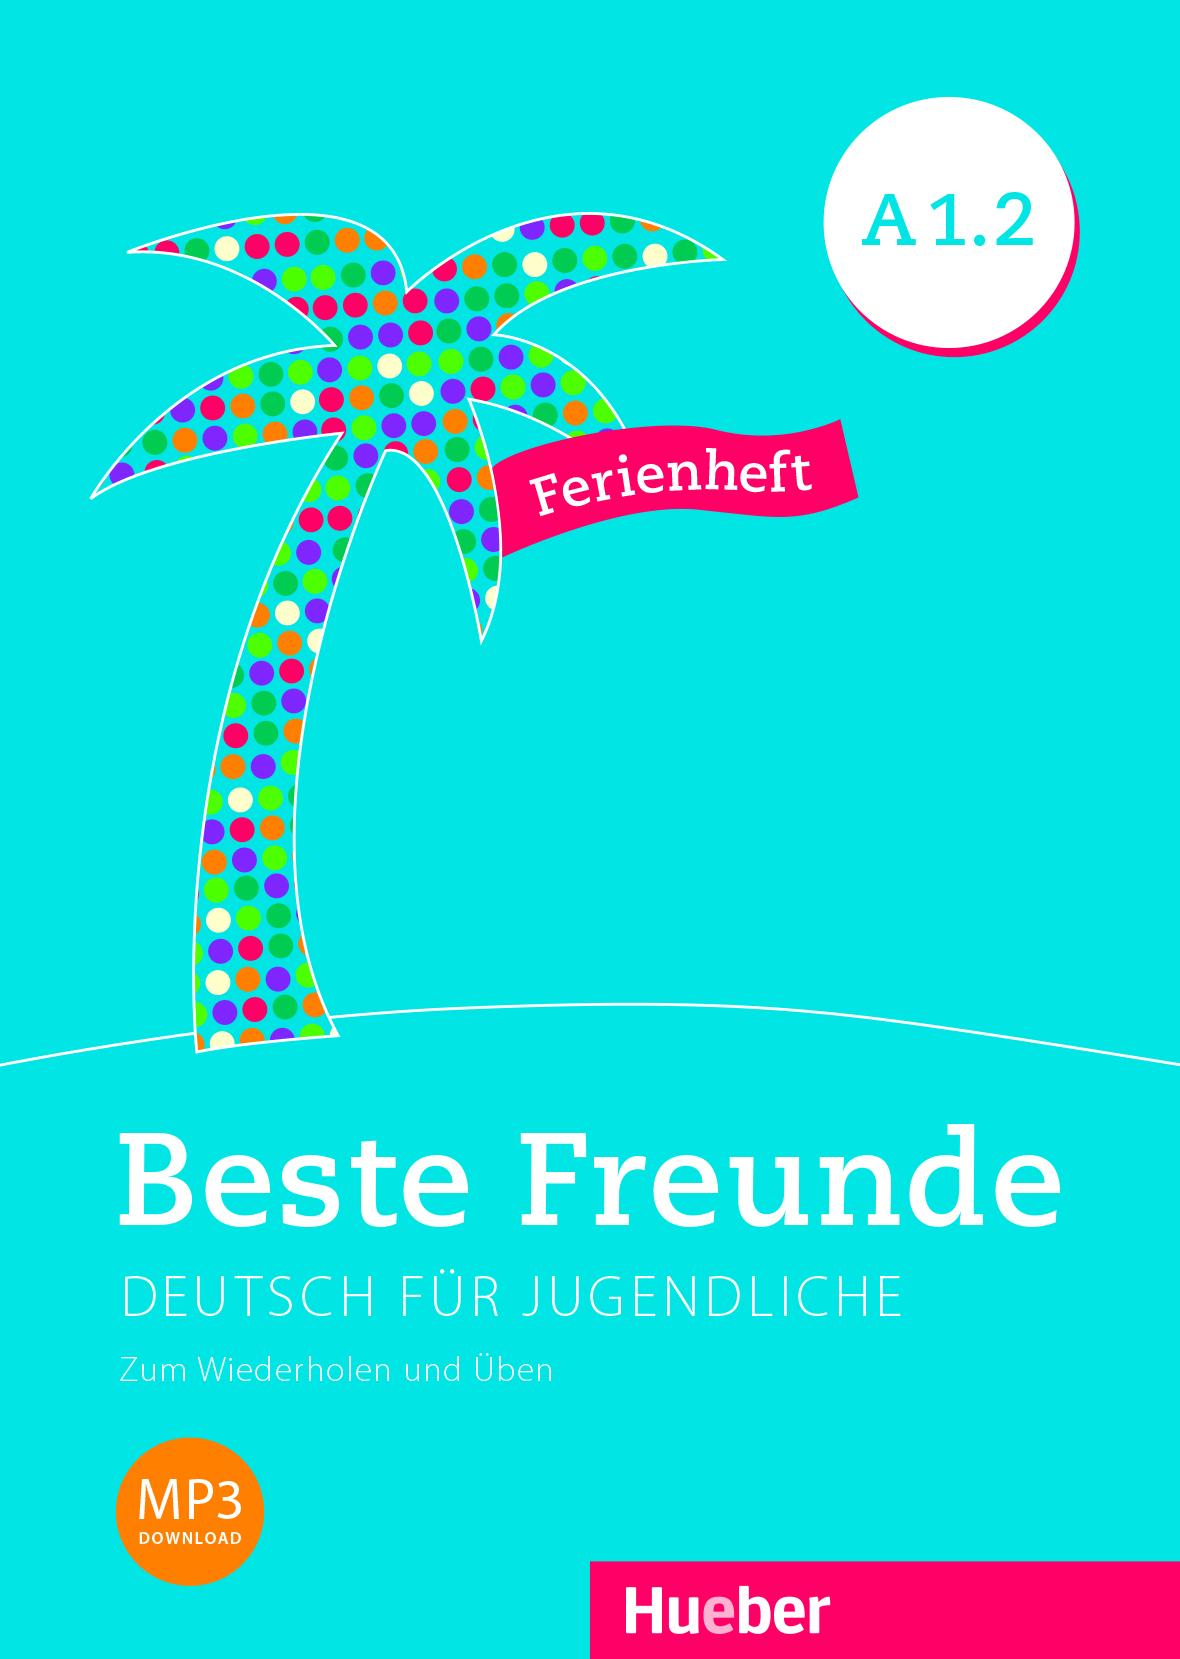 Εικόνα της Beste Freunde A1.2 - Ferienheft (Τεύχος επανάληψης για τις διακοπές)